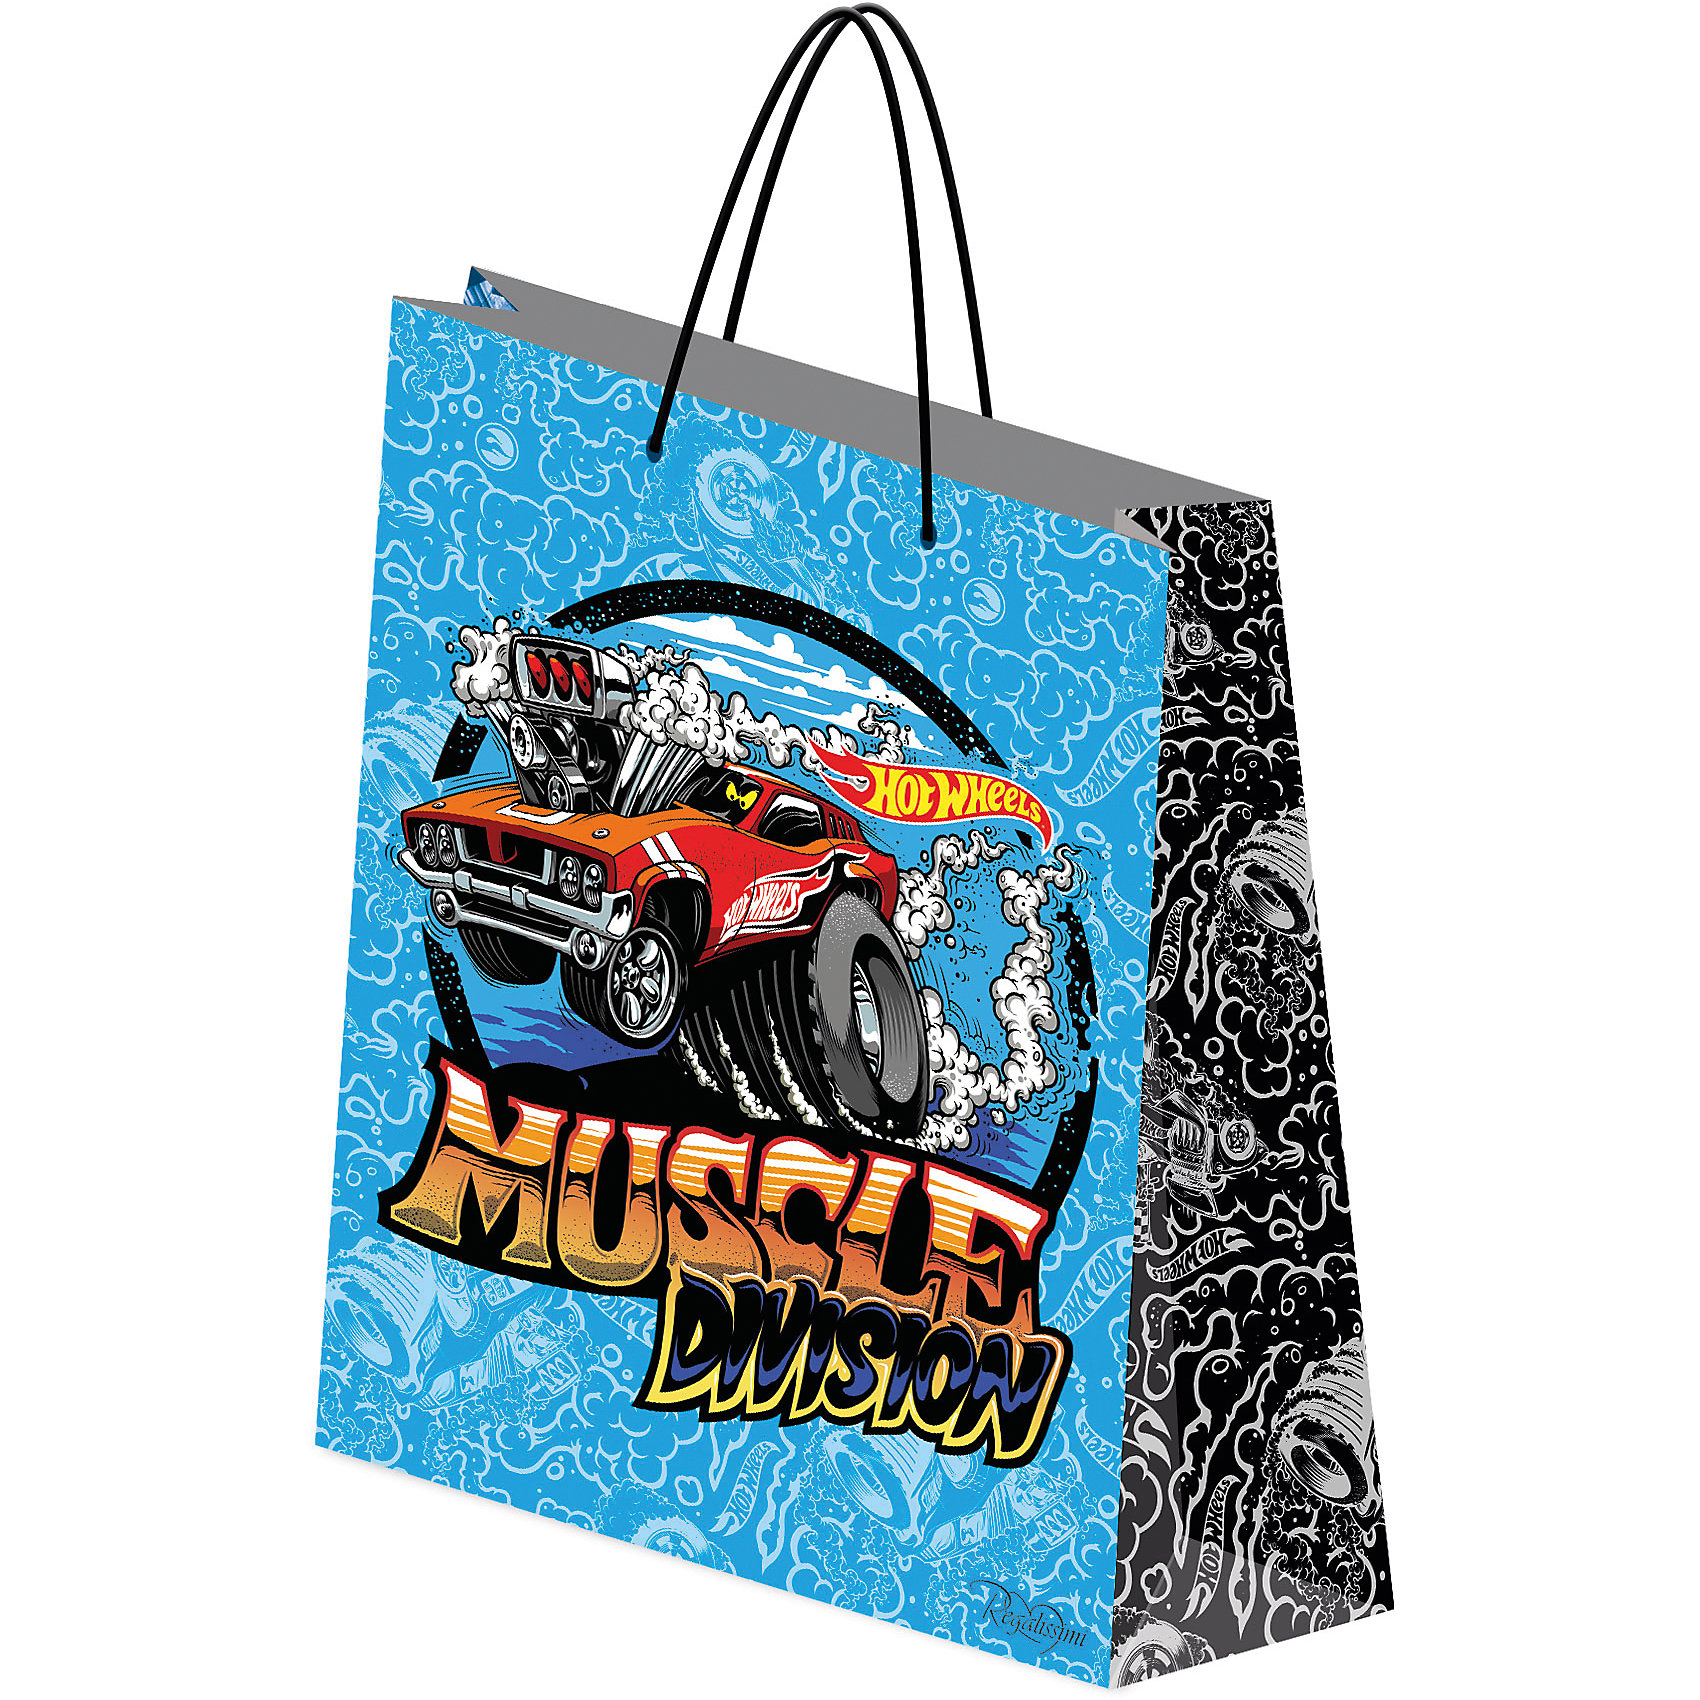 Подарочный пакет Hot Wheels 28*34*9 смДетские подарочные пакеты<br>Красиво упакованный подарок приятно получать вдвойне! Яркий пакет с любимыми героями станет прекрасным дополнением к любому подарку. <br><br>Дополнительная информация:<br><br>- Материал: бумага.<br>- Размер: 28 х 34 х 9 см.<br>- Эффект: матовая ламинация. <br><br>Подарочный пакет Hot Wheels (Хот Вилс), 28 х 34 х 9 см., можно купить в нашем магазине.<br><br>Ширина мм: 2<br>Глубина мм: 280<br>Высота мм: 340<br>Вес г: 61<br>Возраст от месяцев: 48<br>Возраст до месяцев: 96<br>Пол: Мужской<br>Возраст: Детский<br>SKU: 4319935